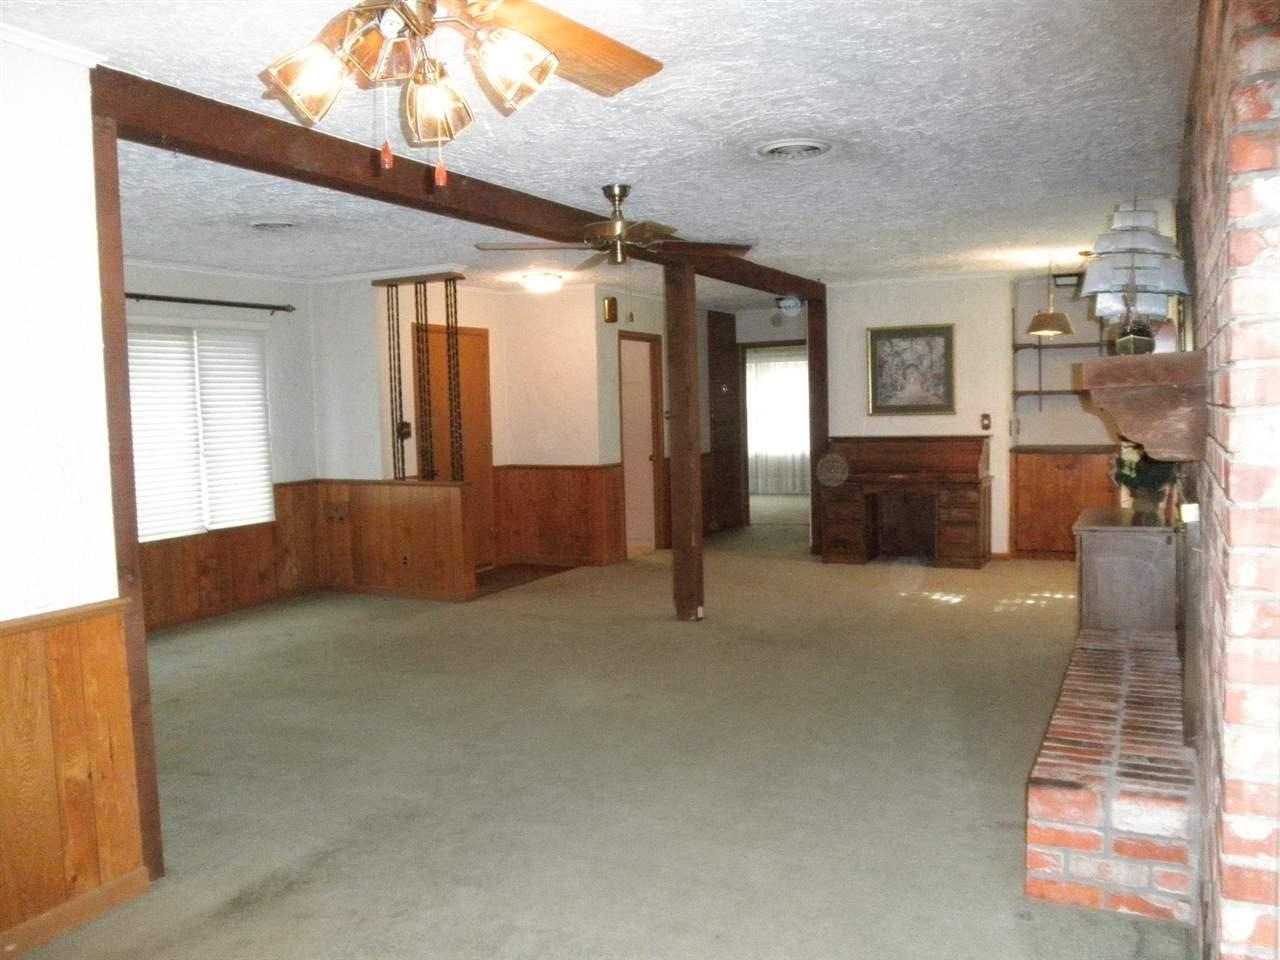 Sold Cross Sale W/ MLS | 1227 S Main  Blackwell, OK 74631 5